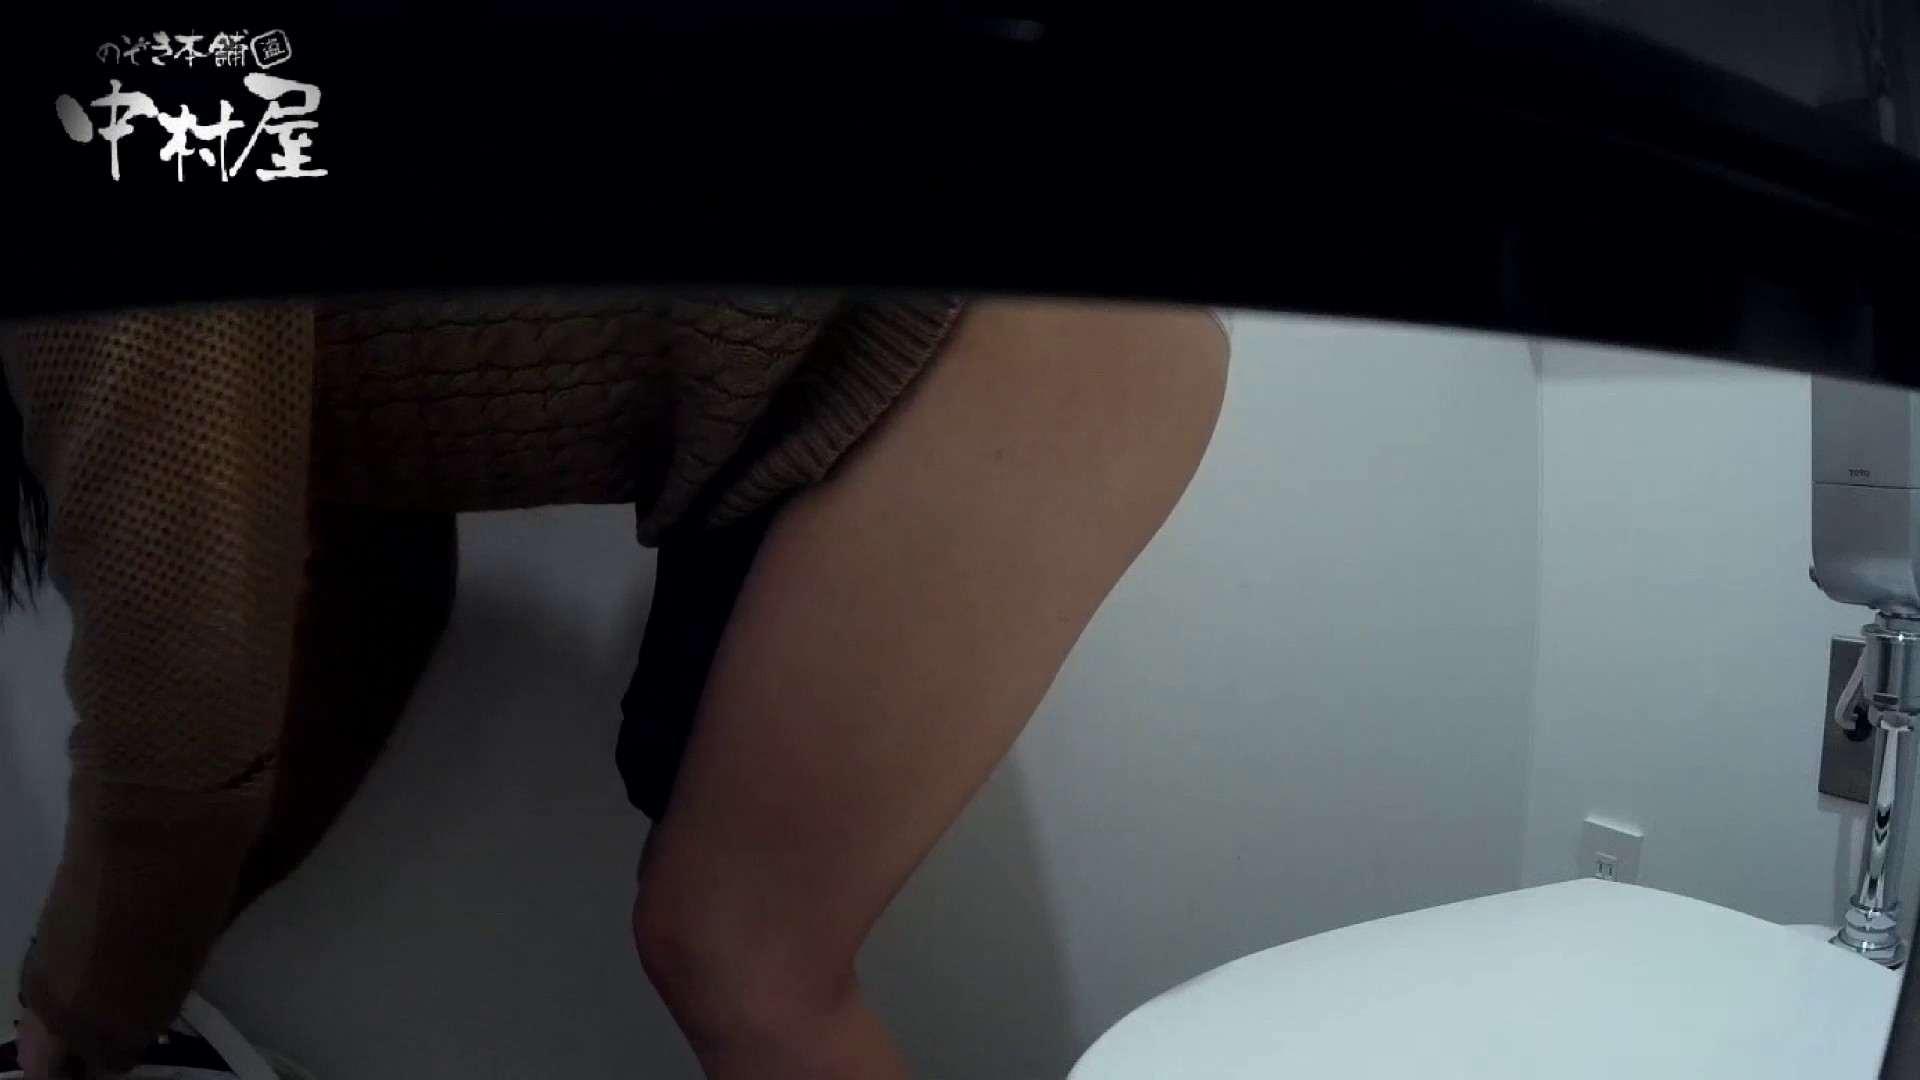 有名大学女性洗面所 vol.54 設置撮影最高峰!! 3視点でじっくり観察 和式トイレ SEX無修正画像 94pic 49